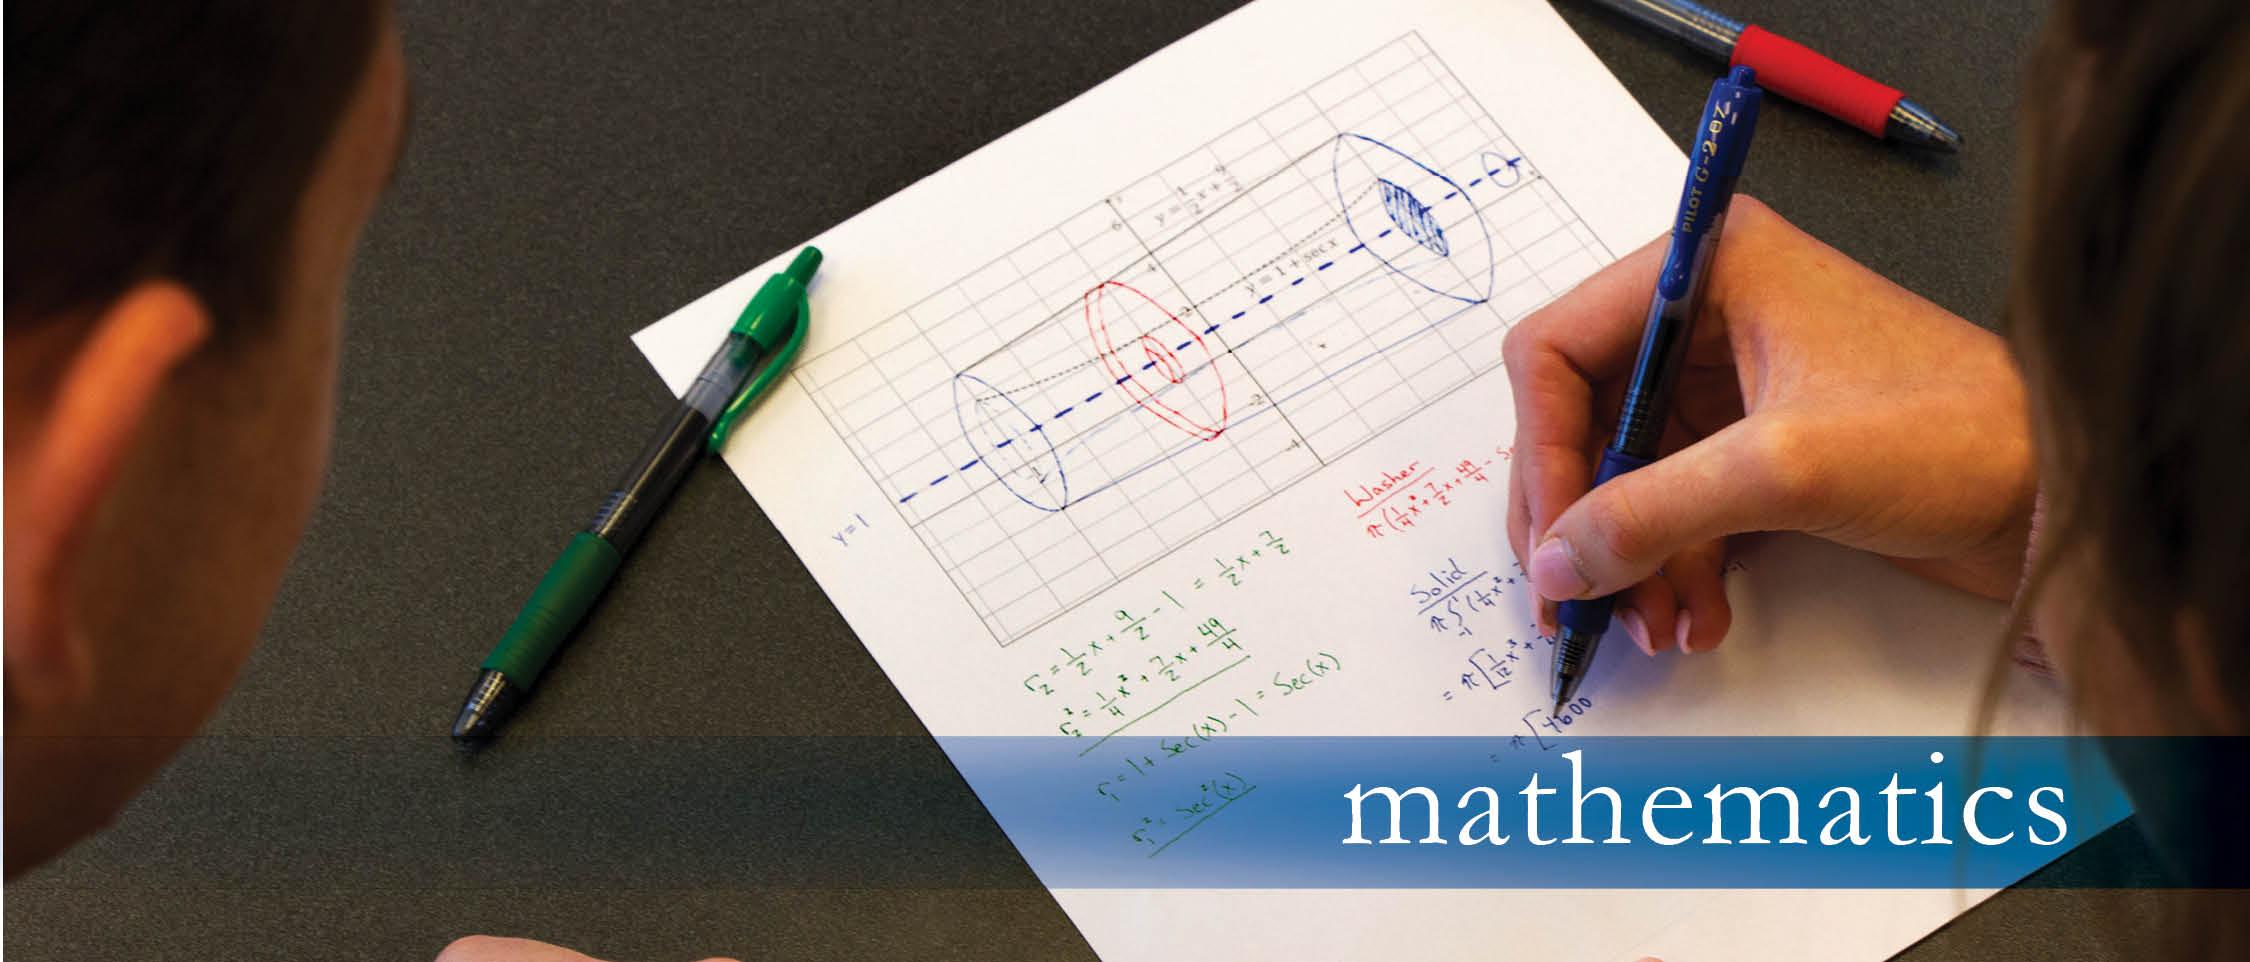 Maths Banner2